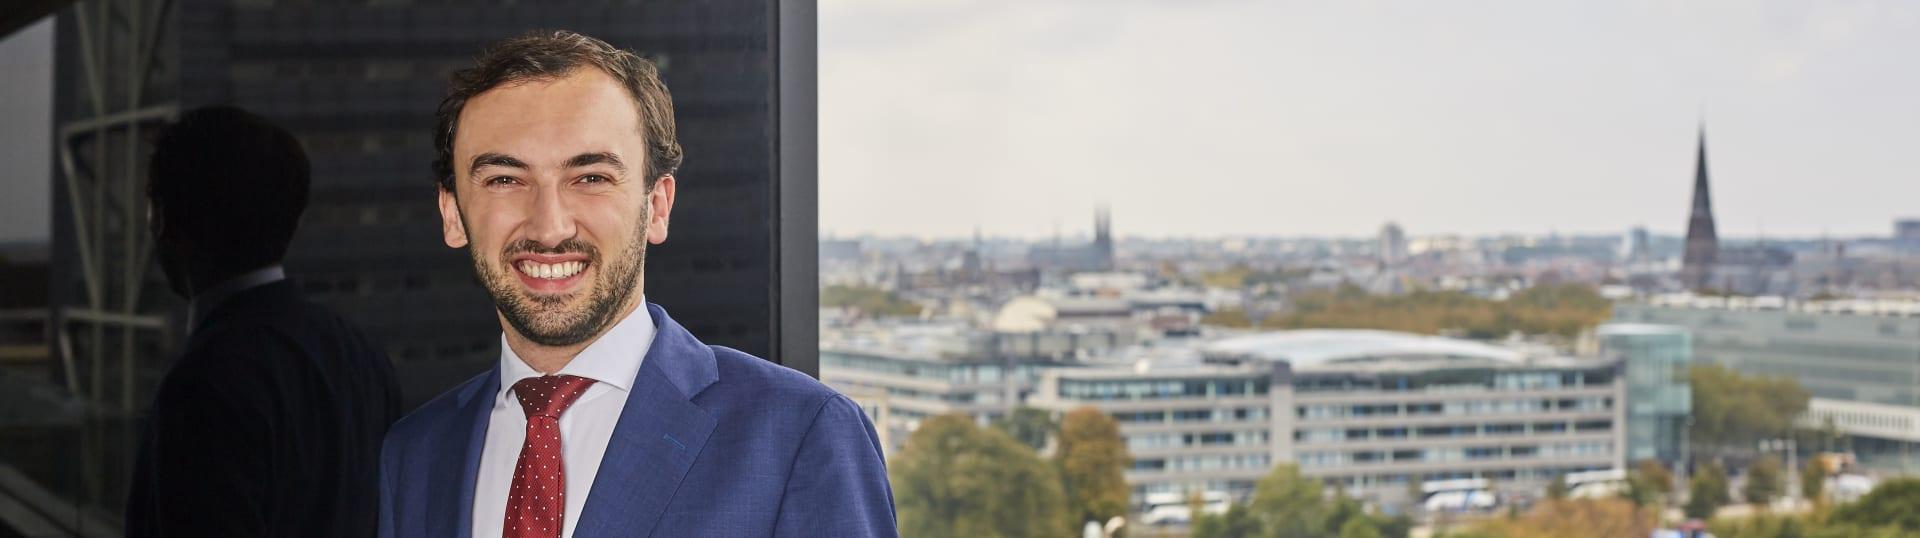 Frank van Tienen, advocaat Pels Rijcken